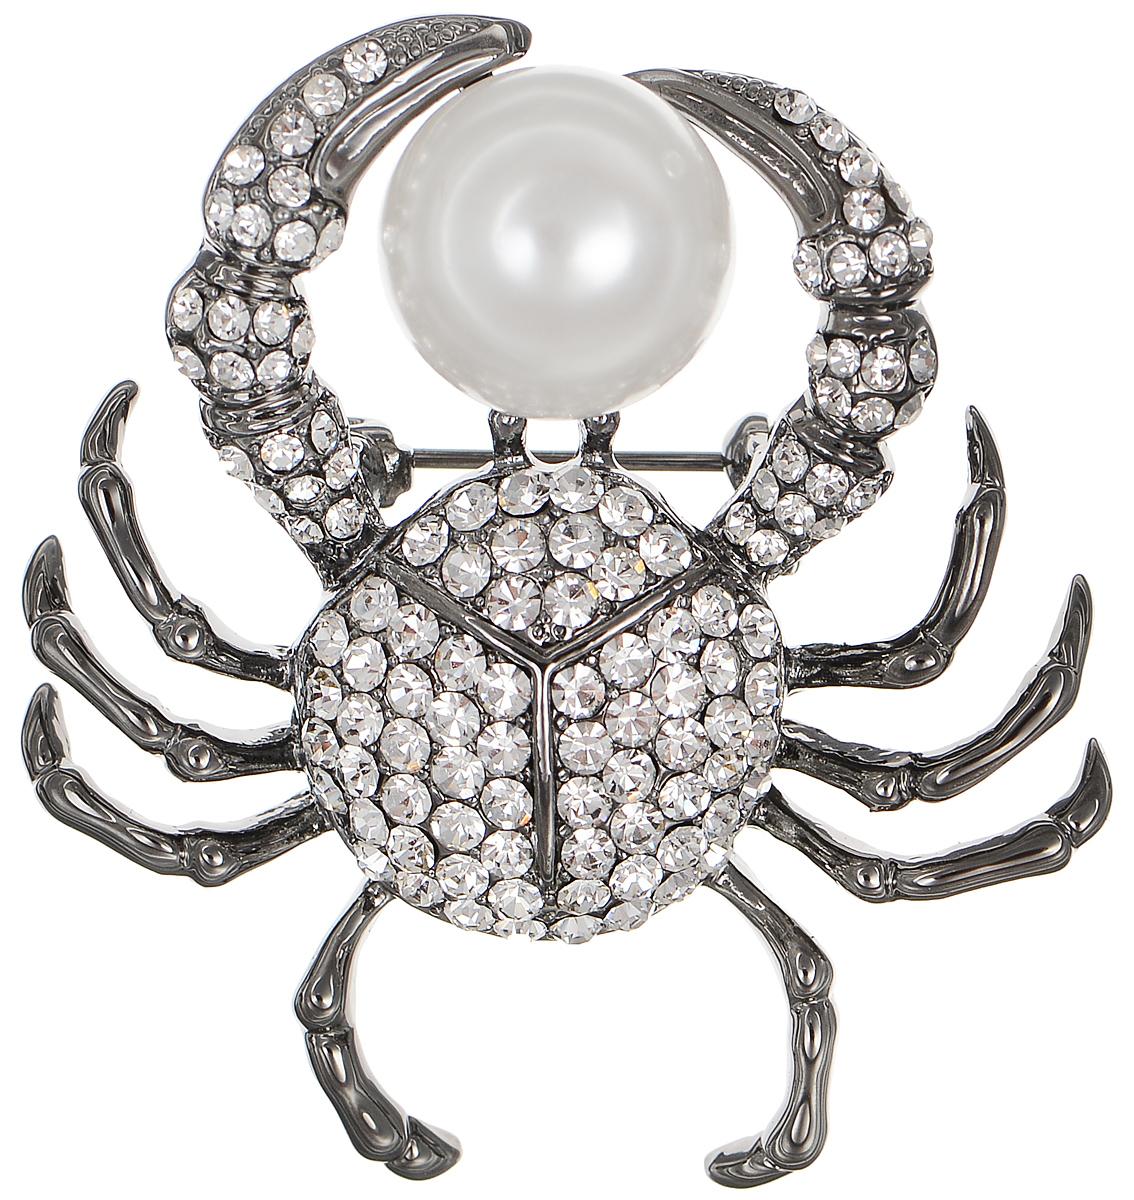 Брошь Selena Street Fashion, цвет: антрацитовый, белый. 3002652030026520Оригинальная брошь Selena Street Fashion изготовлена из металла с родиевым покрытием. Брошь, выполненная в виде краба, дополнена кристаллами Preciosa и искусственным жемчугом. Изделие крепится с помощью замка-булавки. Такая брошь позволит вам с легкостью воплотить самую смелую фантазию и создать собственный неповторимый образ.